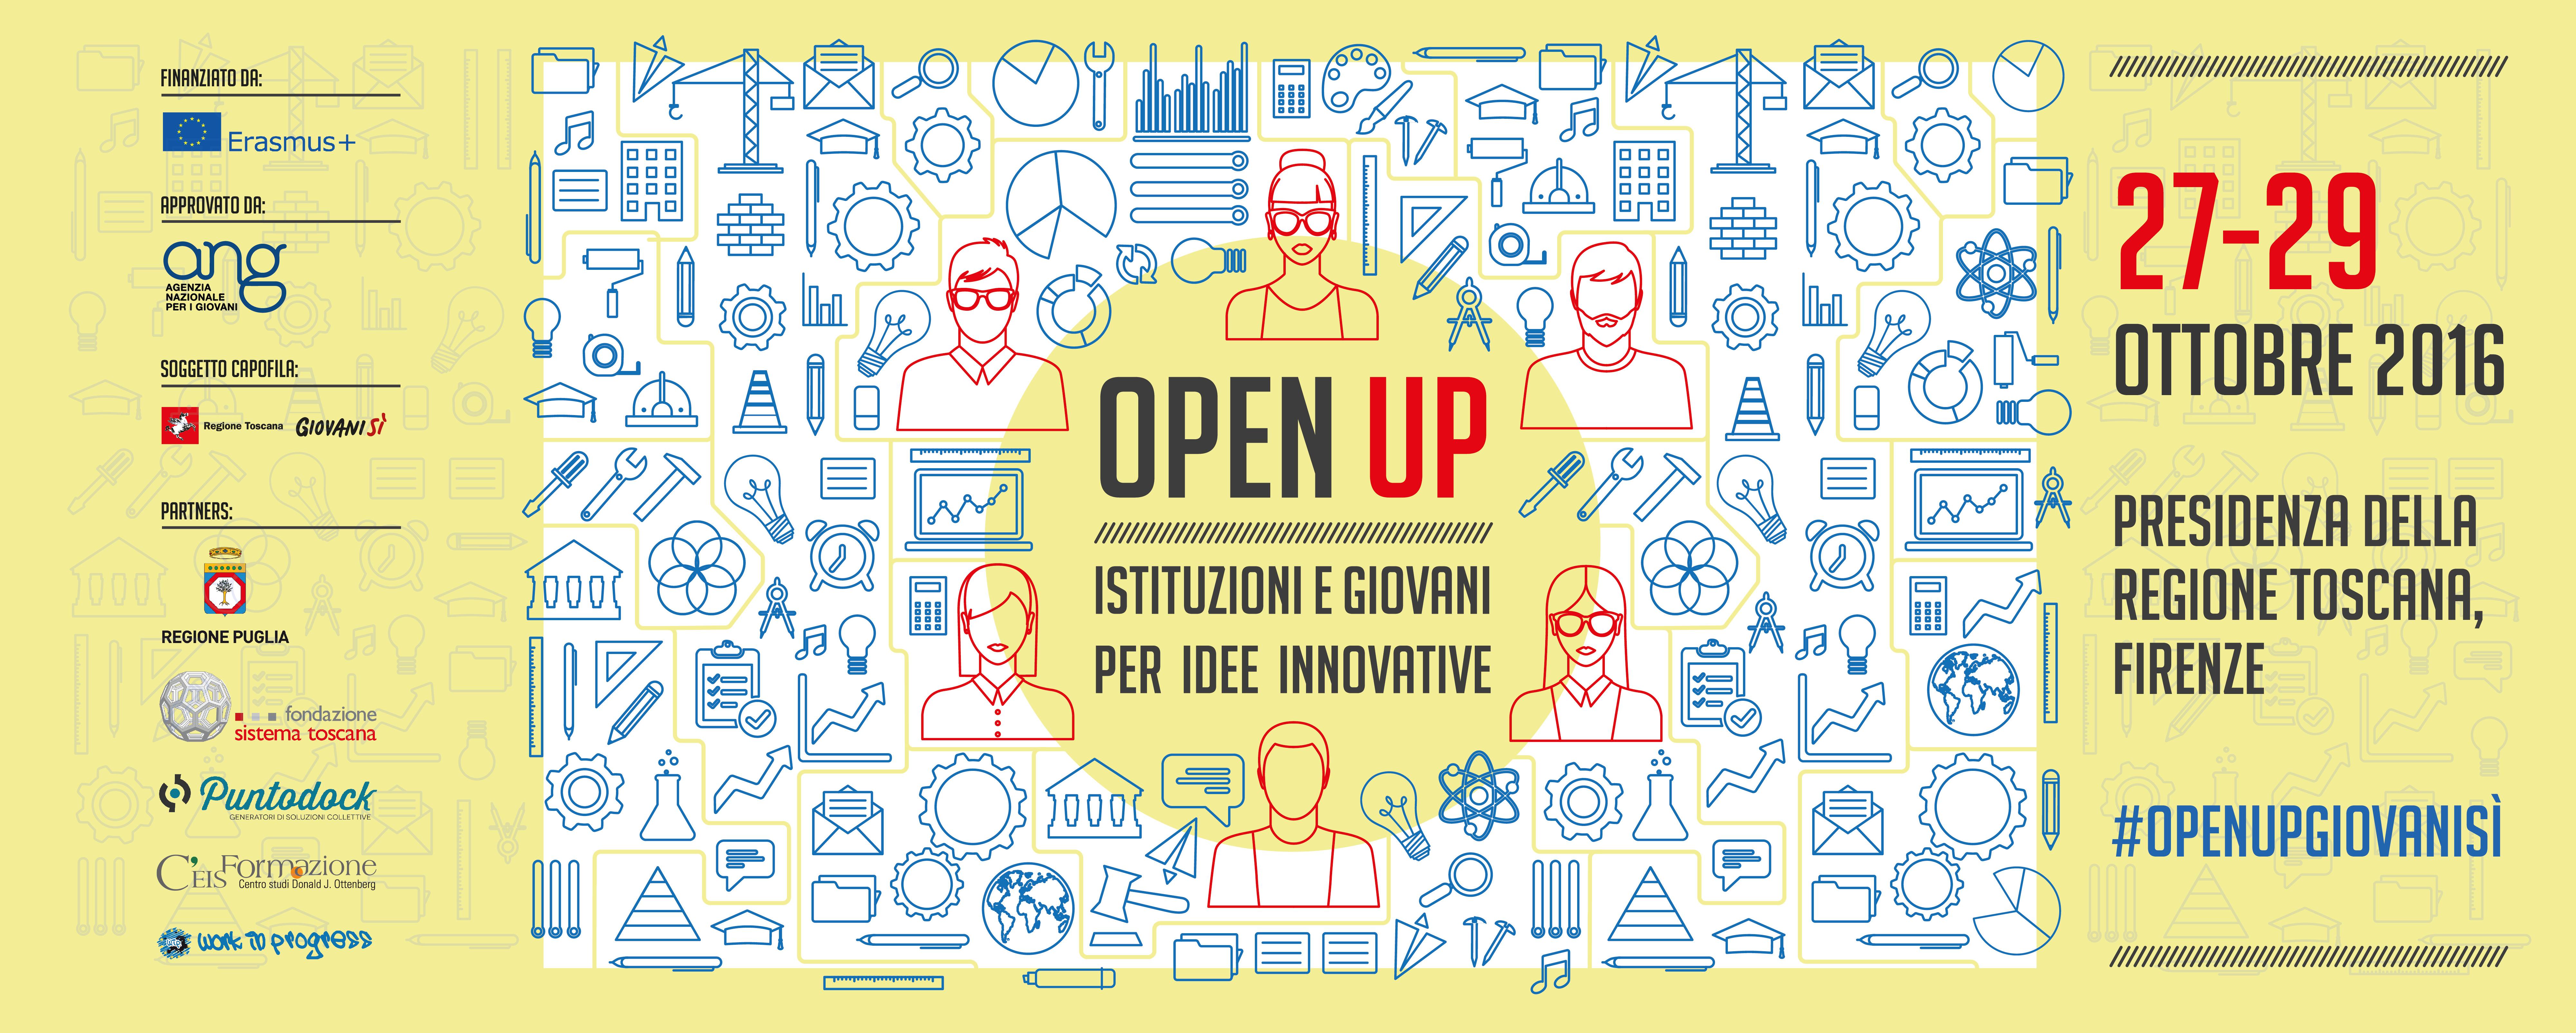 &#8220;OPEN UP. Istituzioni e giovani per idee innovative&#8221;: partite le attività online <div class='giovanisi-subtitle'>Iniziano a settembre le attività del progetto di Giovanisì-Regione Toscana finanziato da Erasmus+</div>